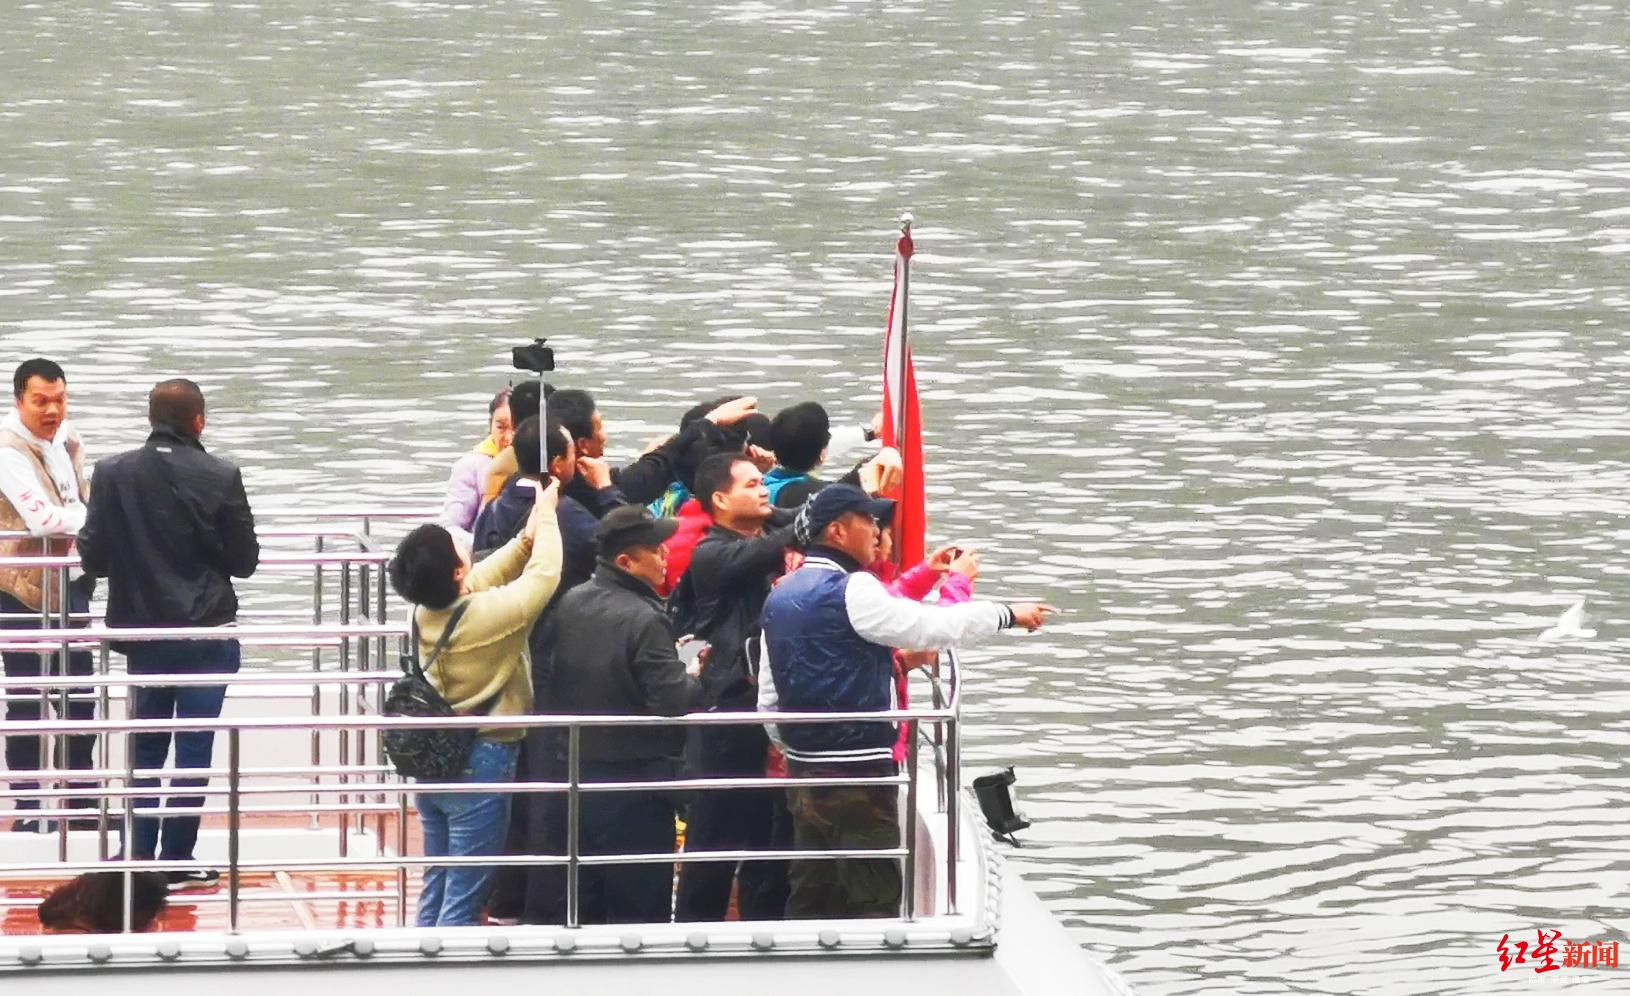 游船上游客未穿戴救生衣